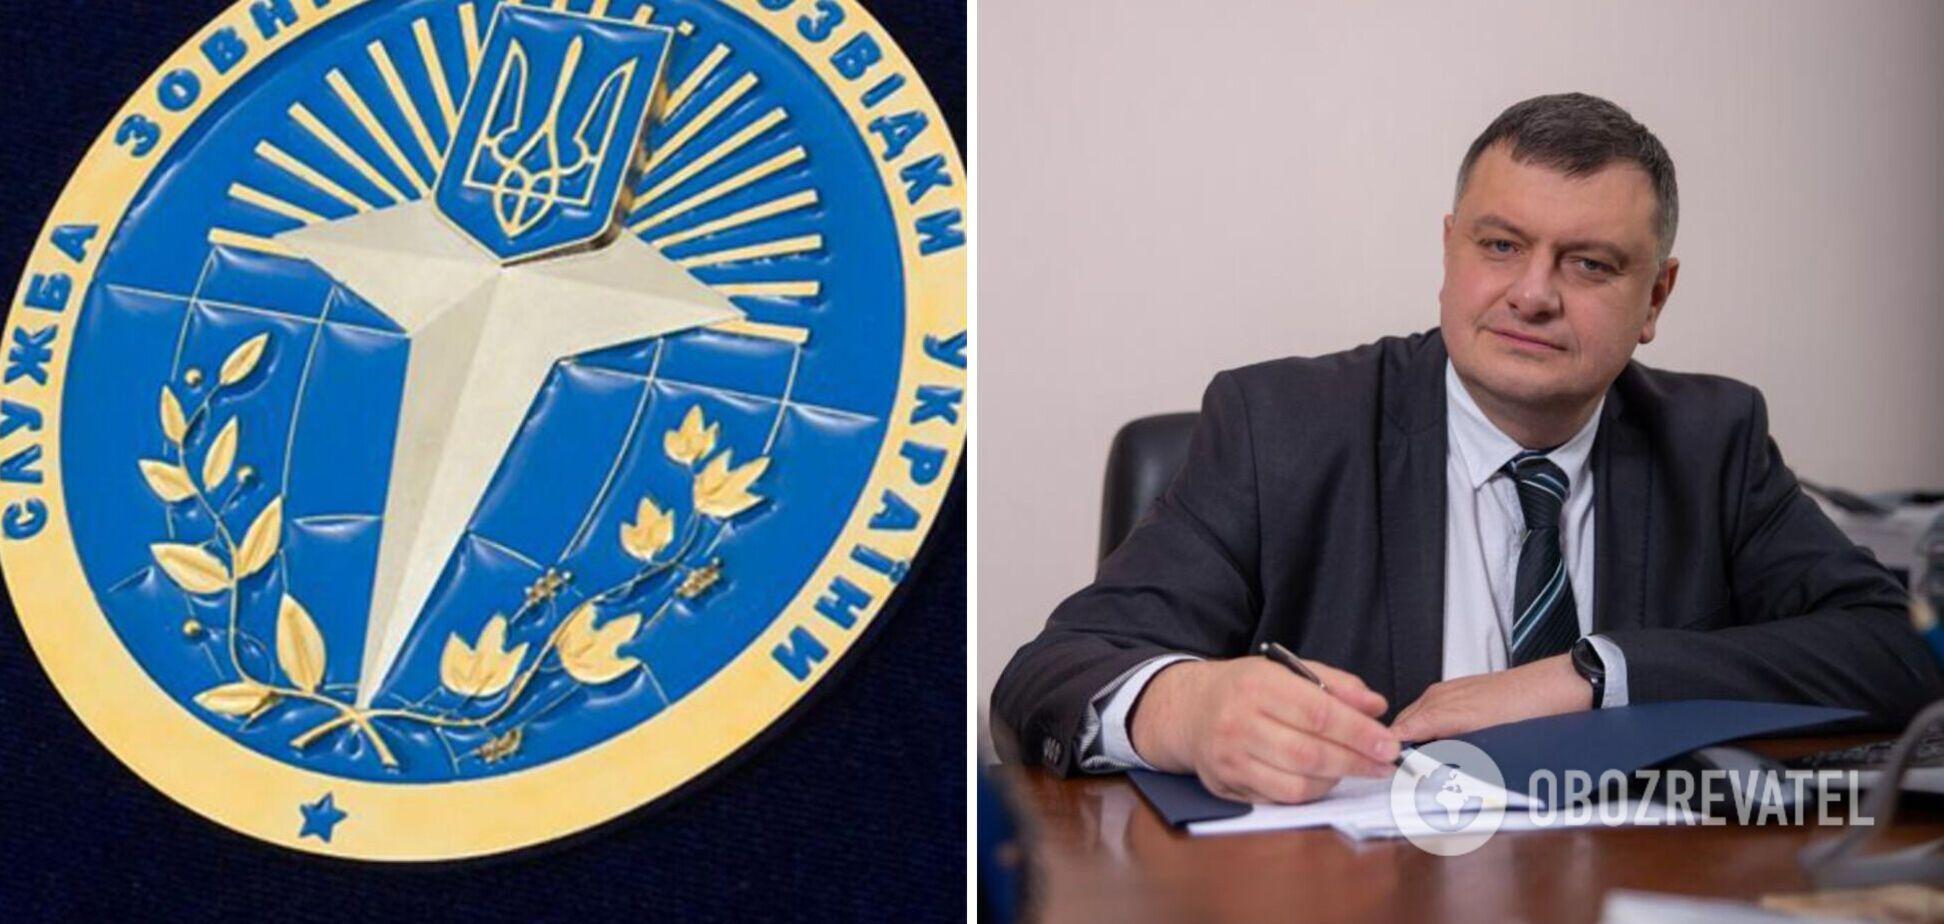 Головою СЗР призначено Литвиненка